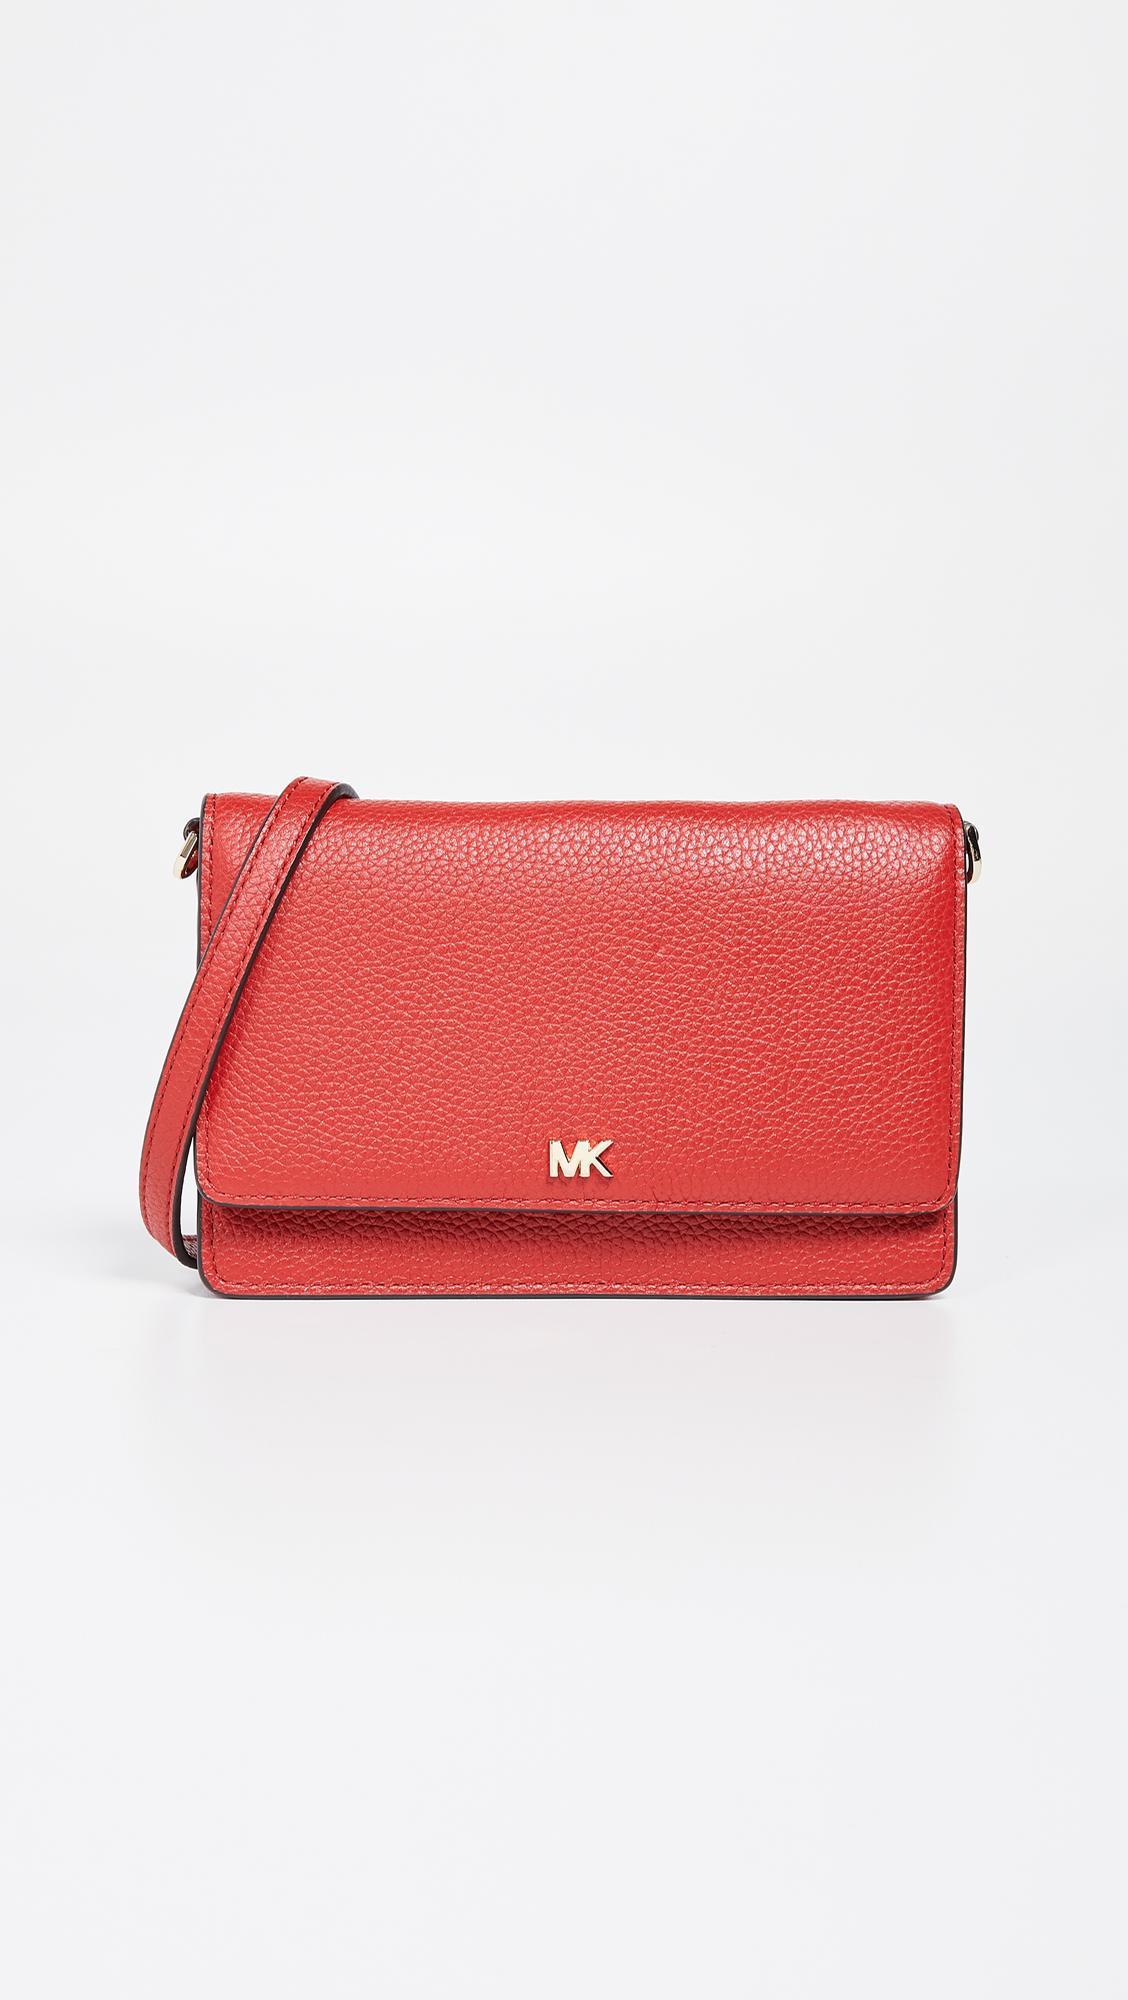 0397603ea508 MICHAEL Michael Kors Phone Crossbody Bag in Red - Lyst